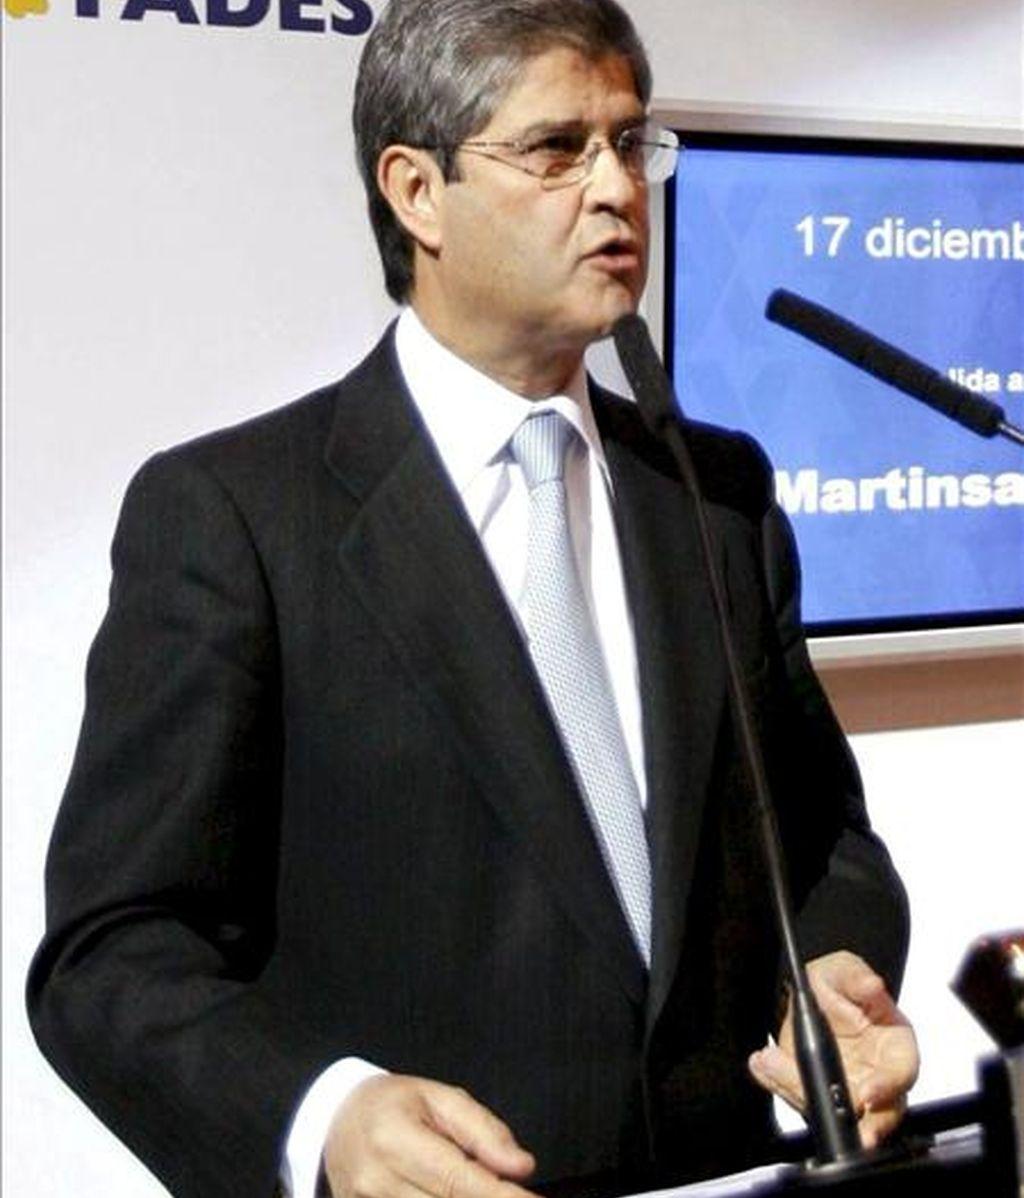 Imagen del presidente de Martinsa-Fadesa, Fernando Martín. EFE/Archivo